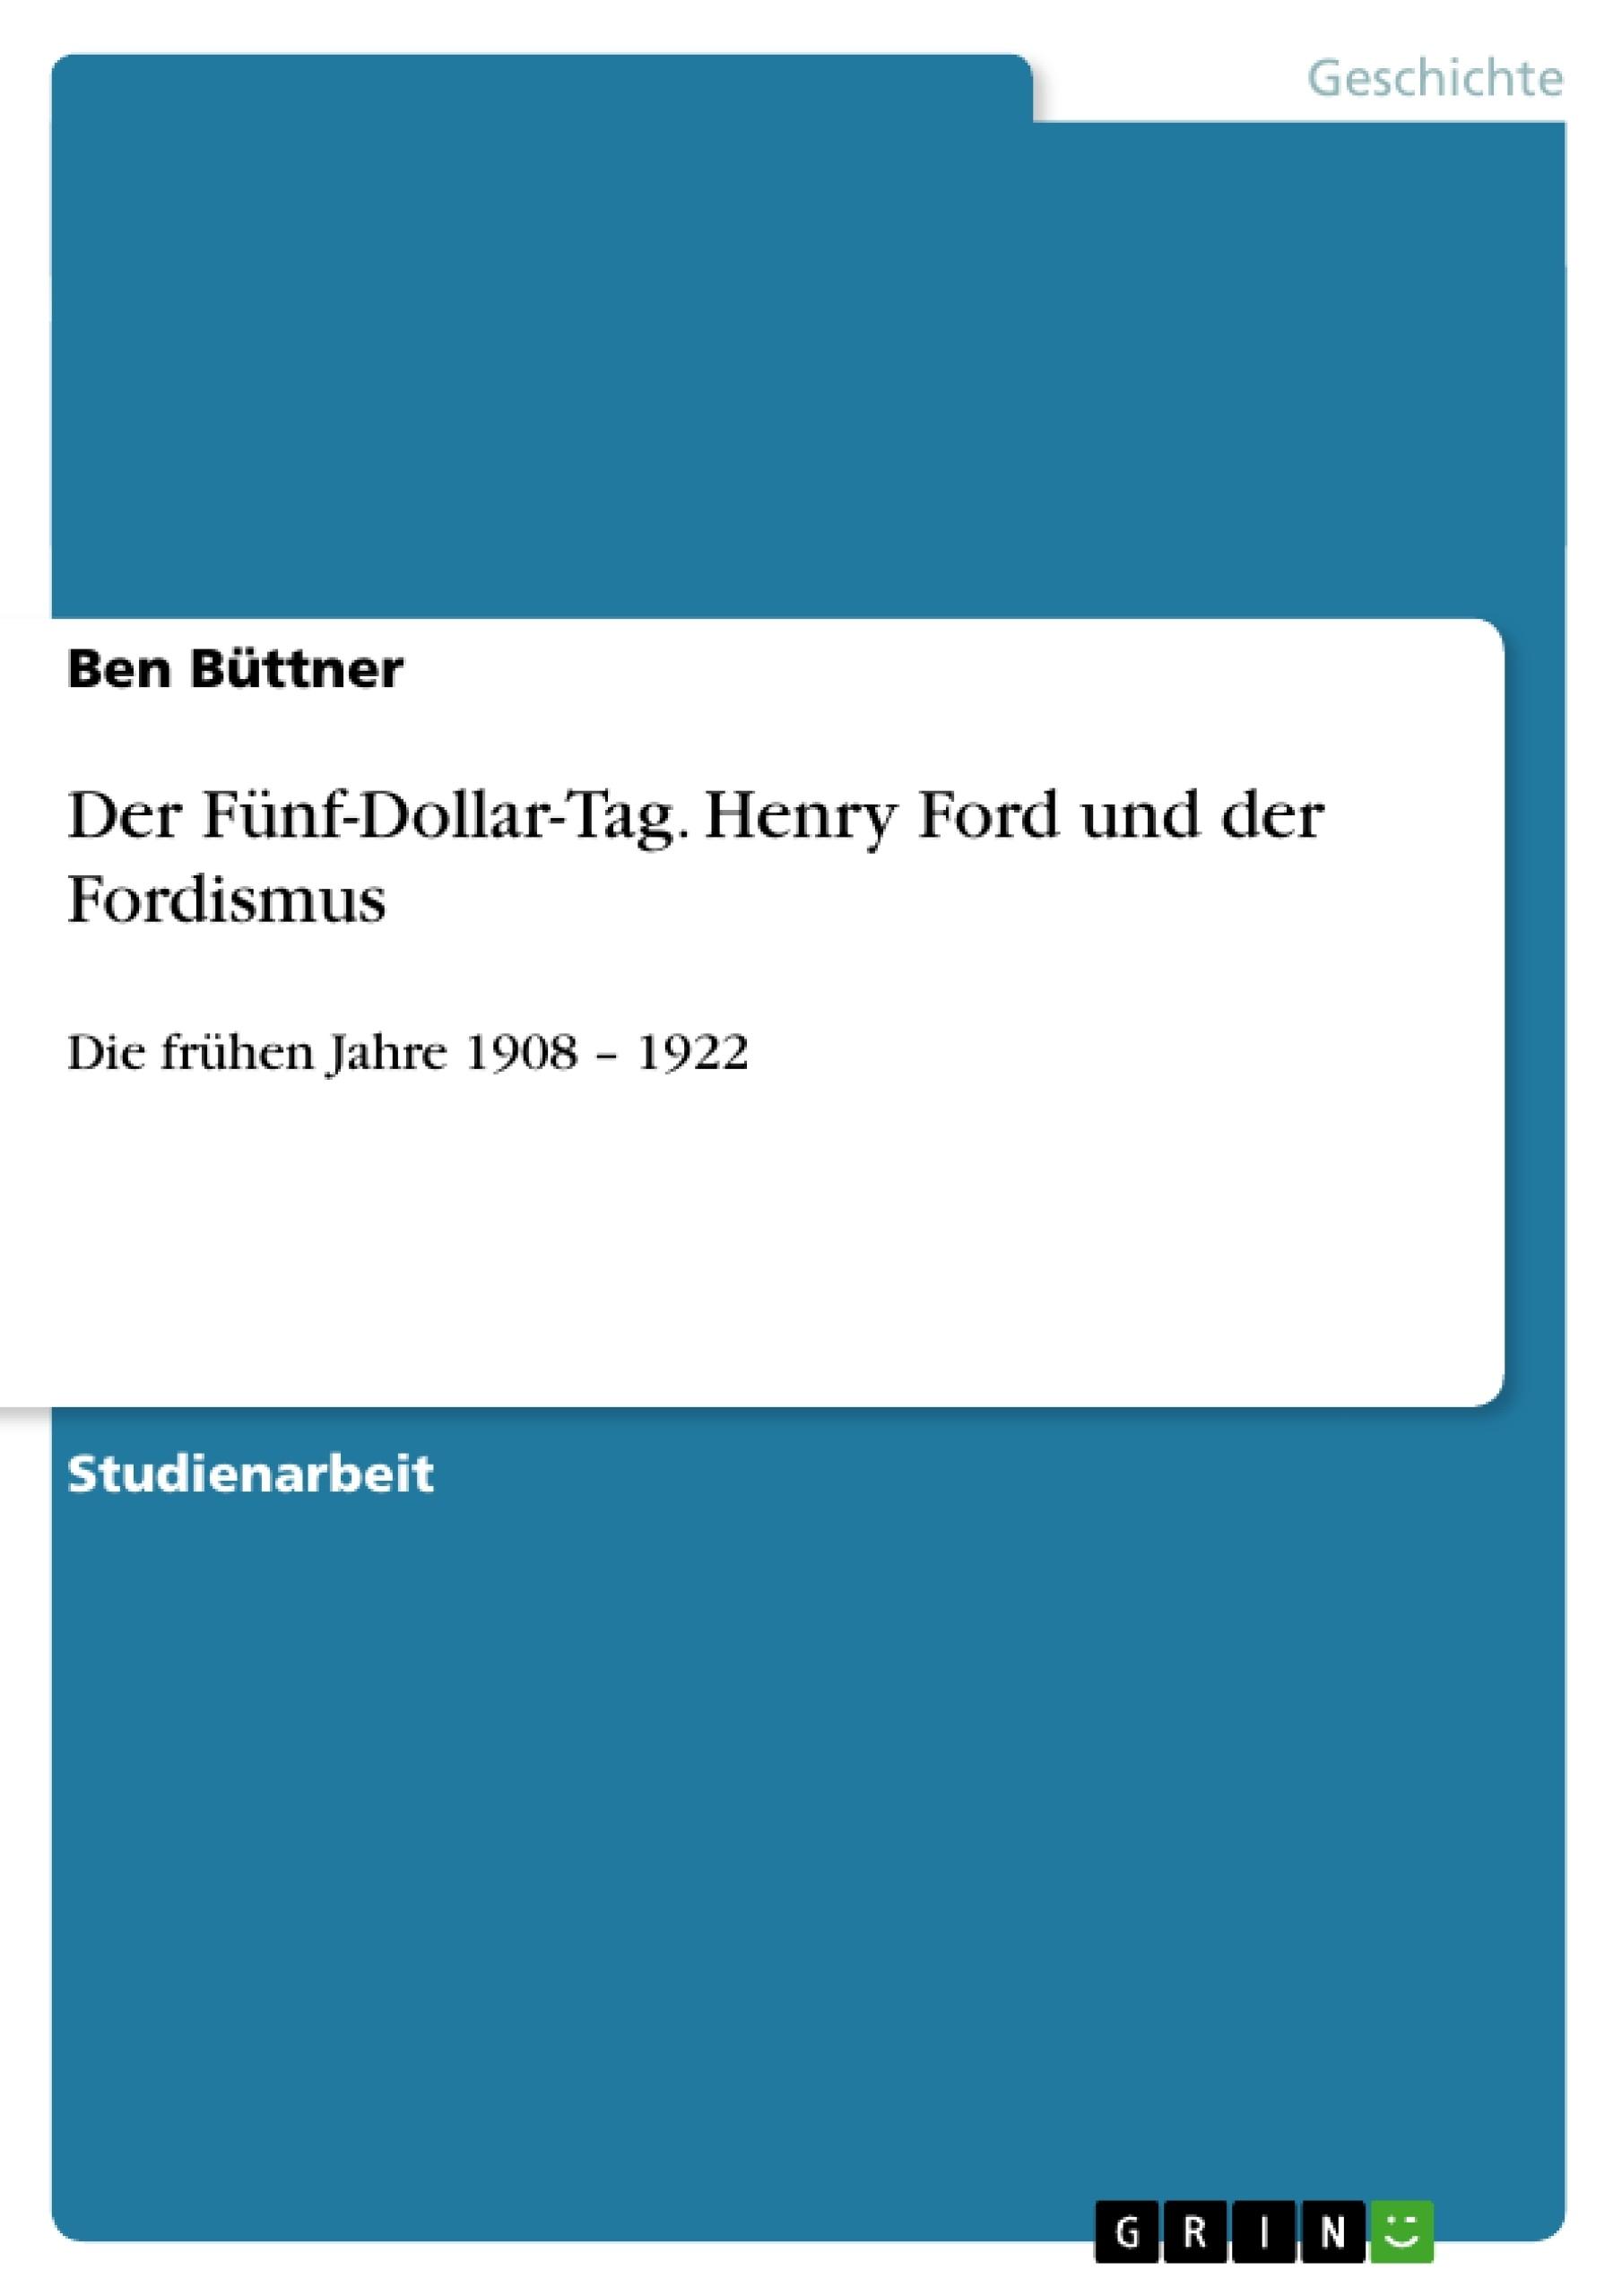 Titel: Der Fünf-Dollar-Tag. Henry Ford und der Fordismus